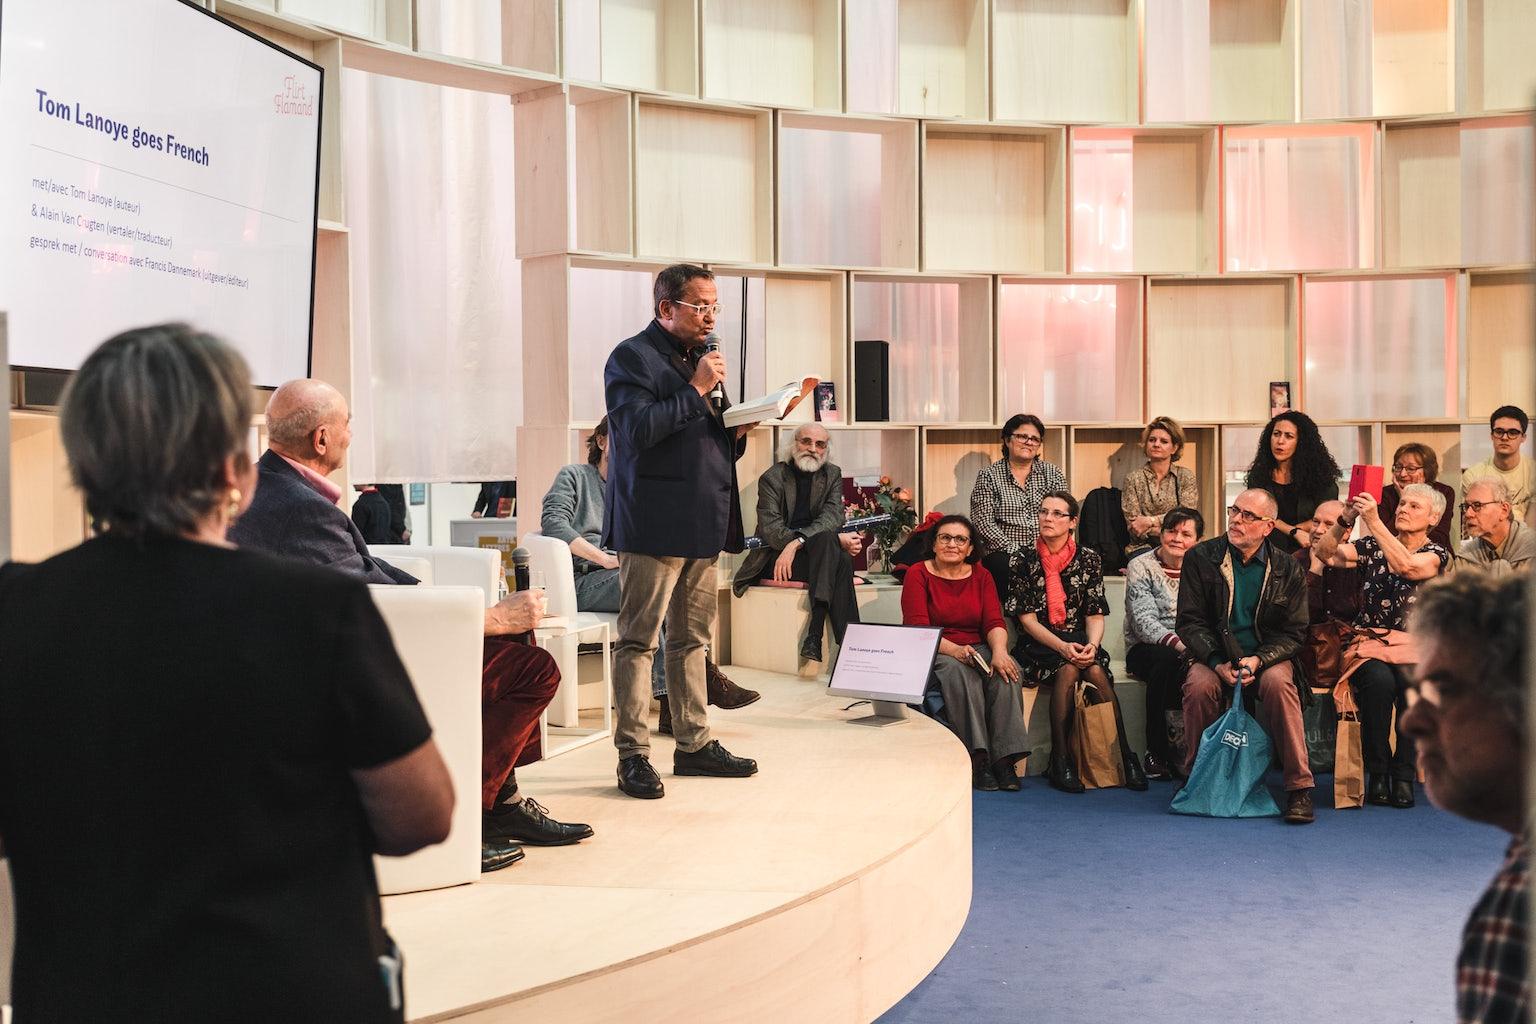 Tom Lanoye op het podium tijdens Flirt Flamand 2019